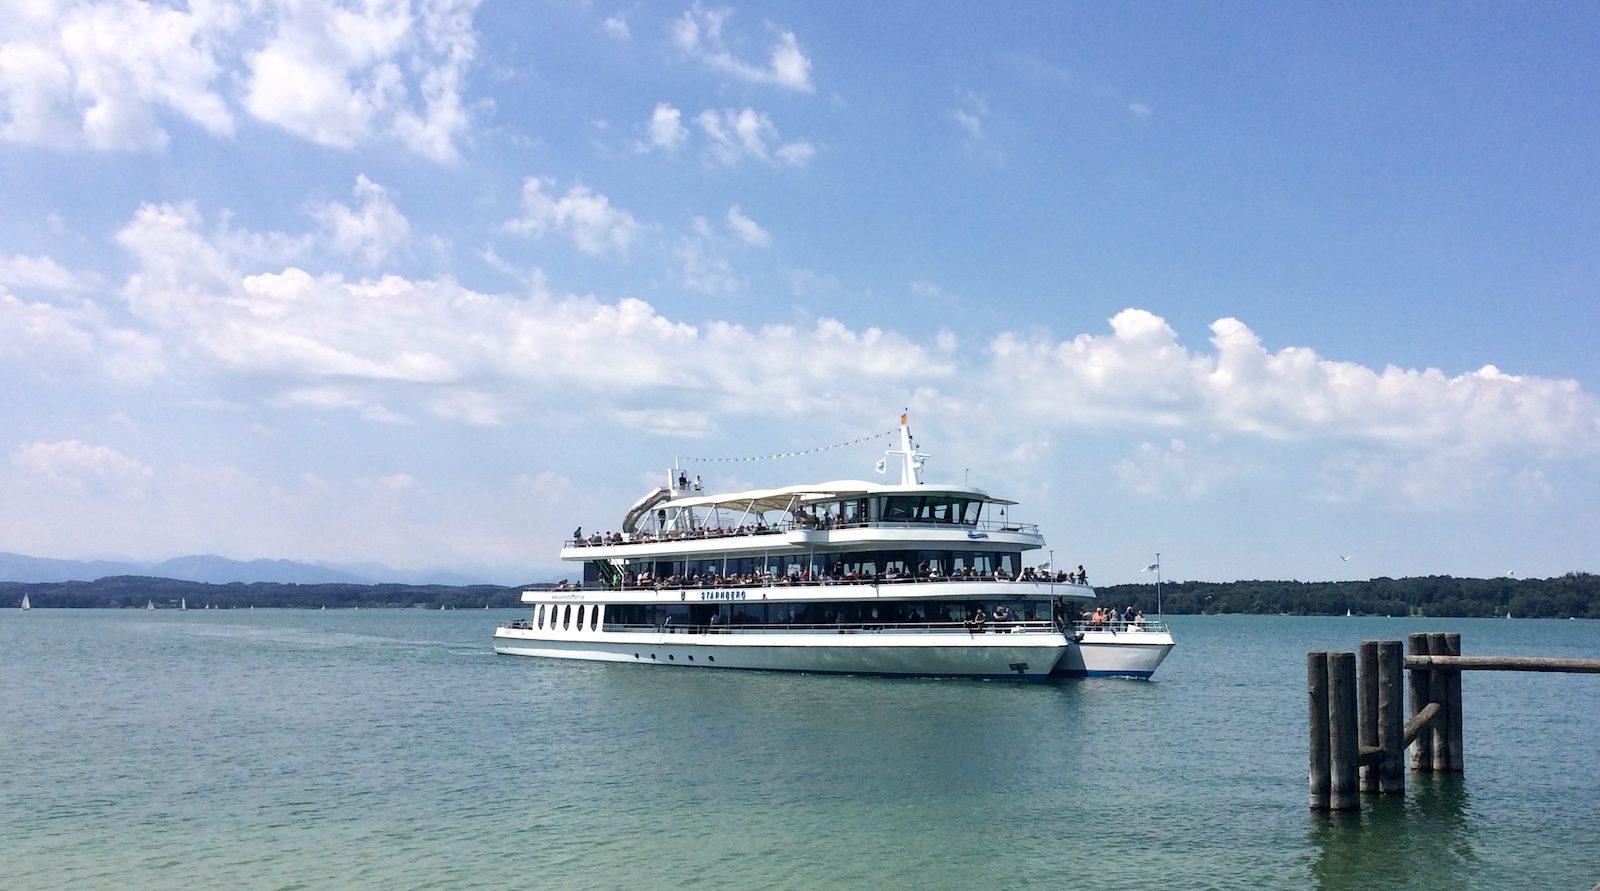 Seerundfahrt mit der MS Starnberg